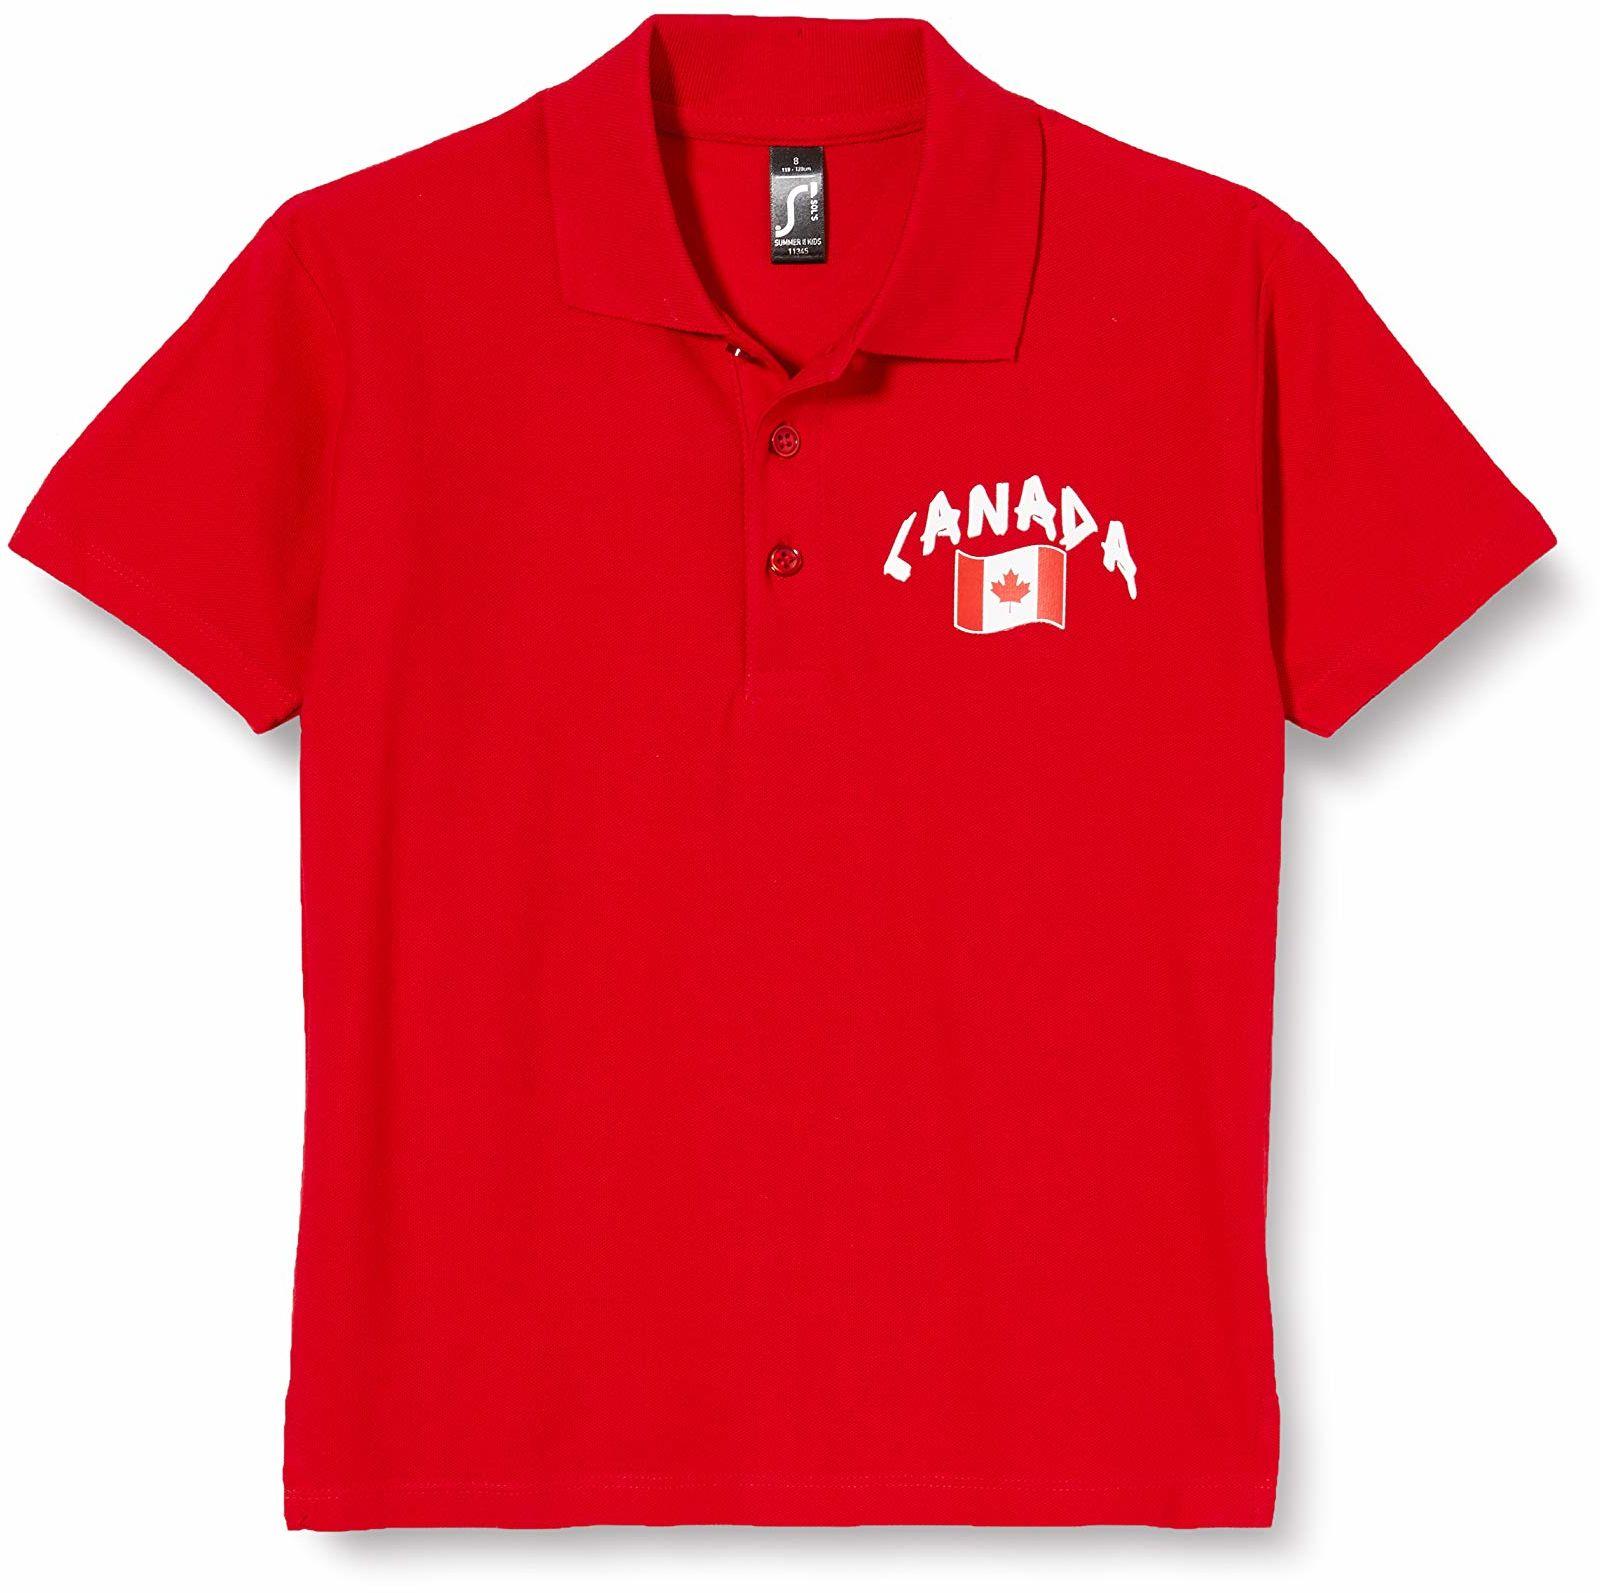 Supportershop Dziecięca koszulka polo Rugby Kanada L, czerwona